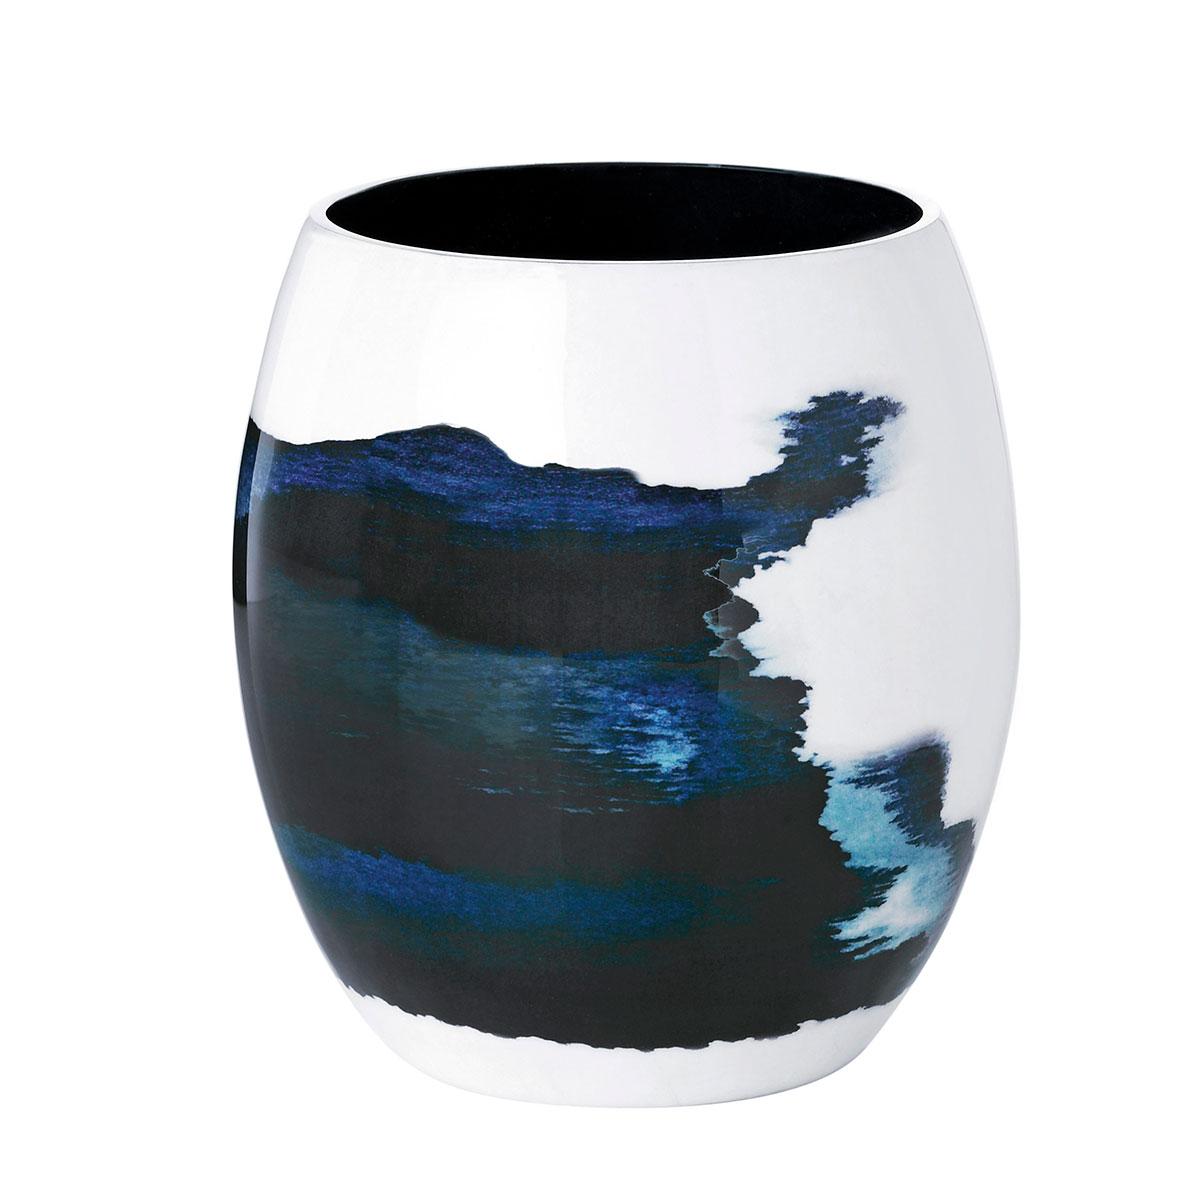 Stelton lille vase - Stockholm Aquatic - Aluminium